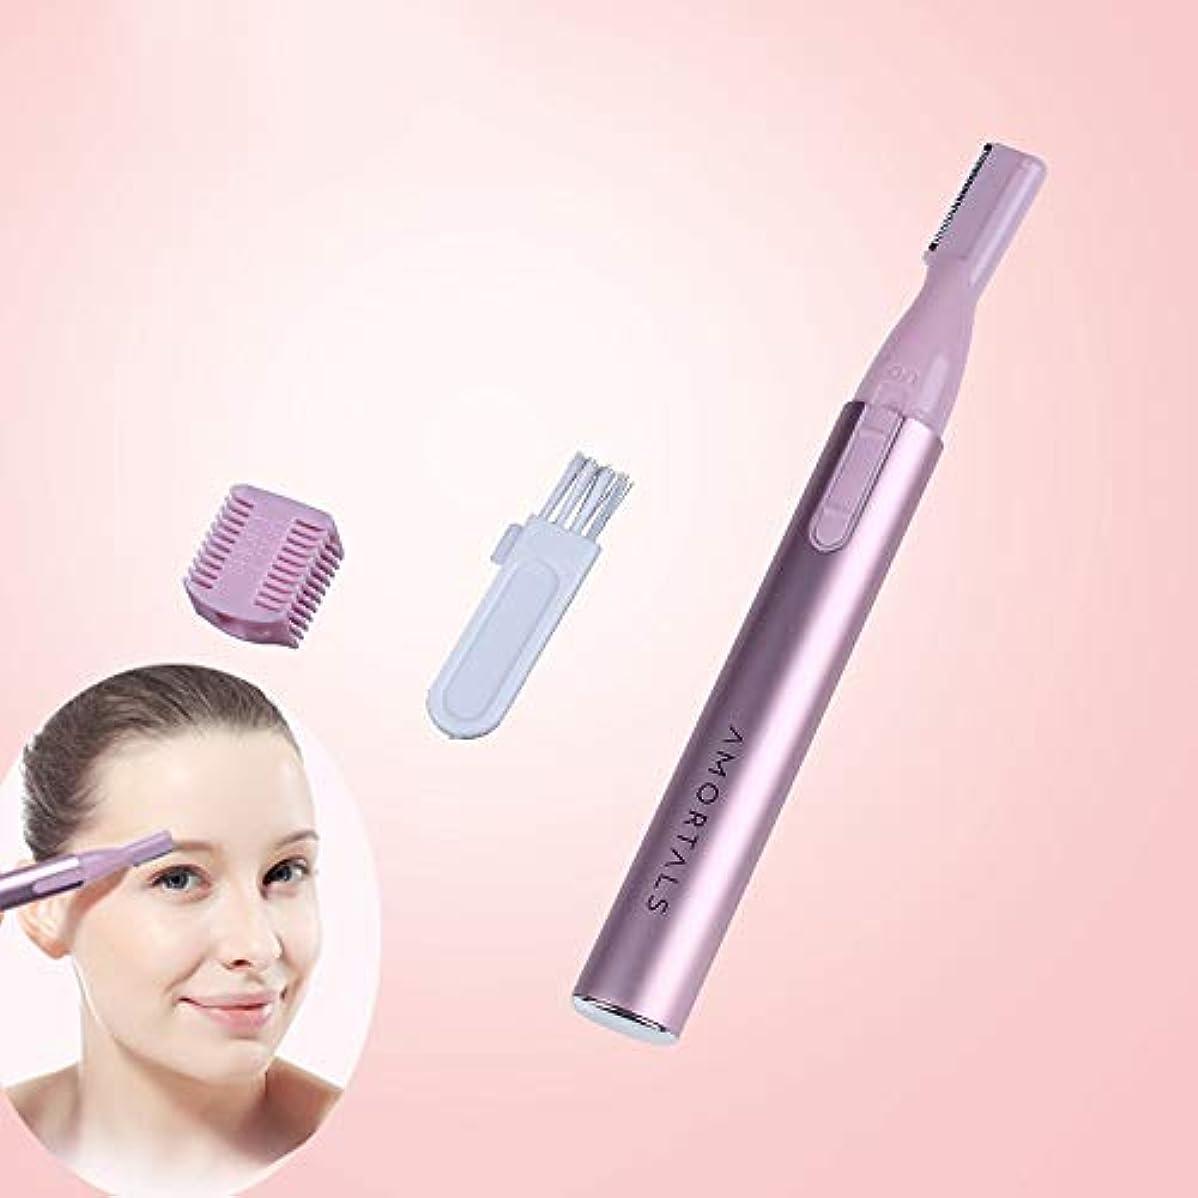 これらクロニクル放射性脇の下/足/体/髪の女性の顔のトリマーのための携帯用電動眉毛トリマー、(電池式) (Color : Pink)